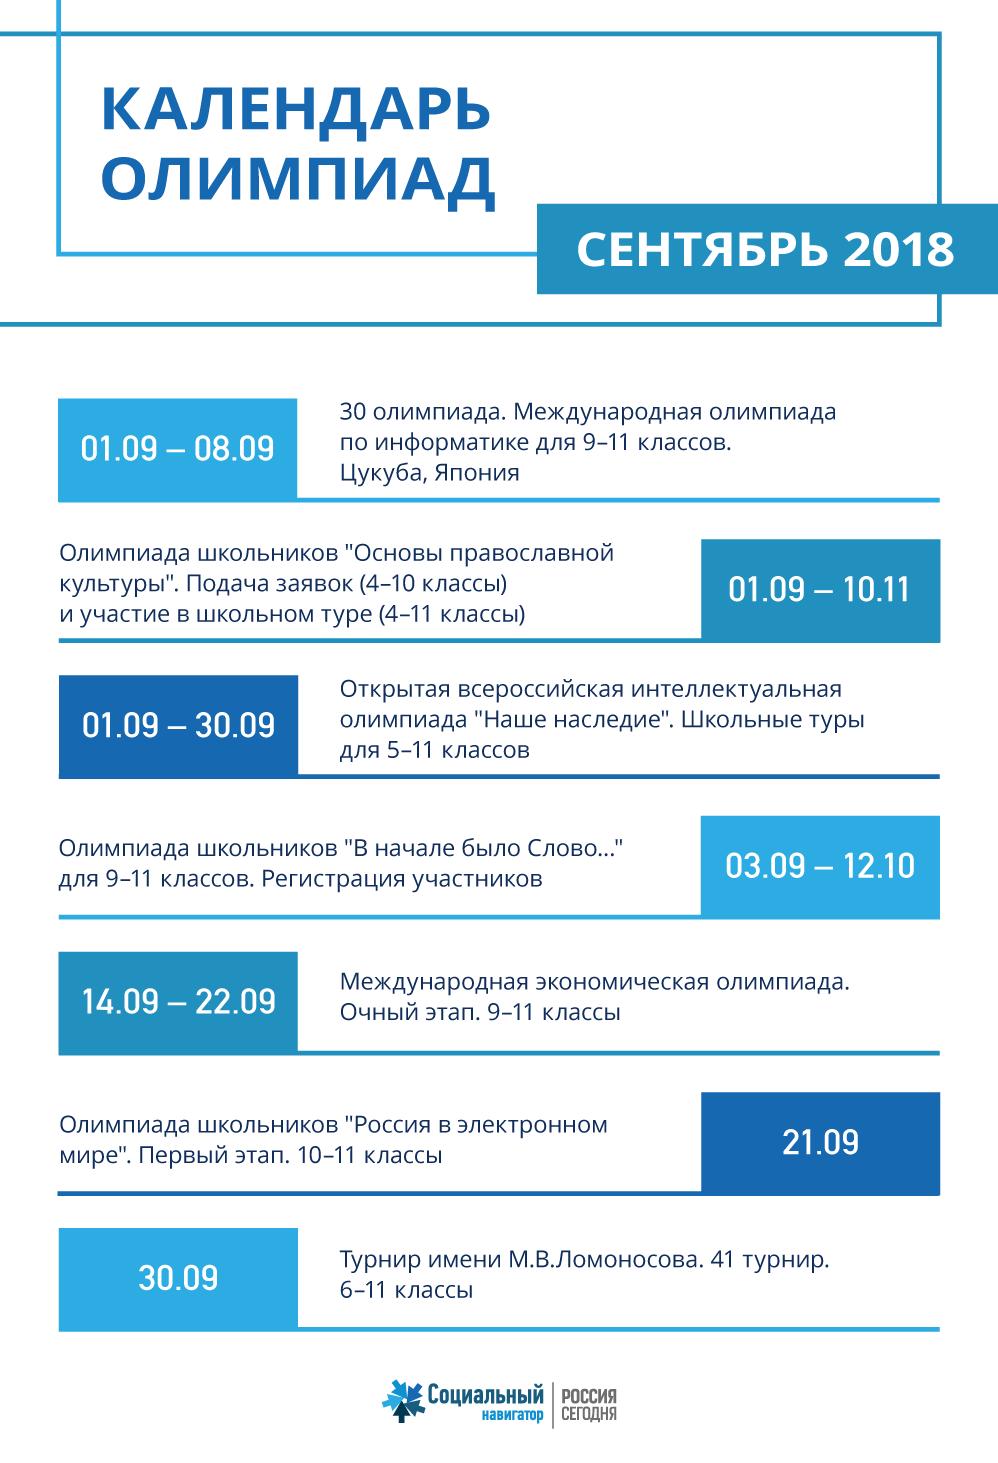 Календарь олимпиад. Сентябрь, 2018